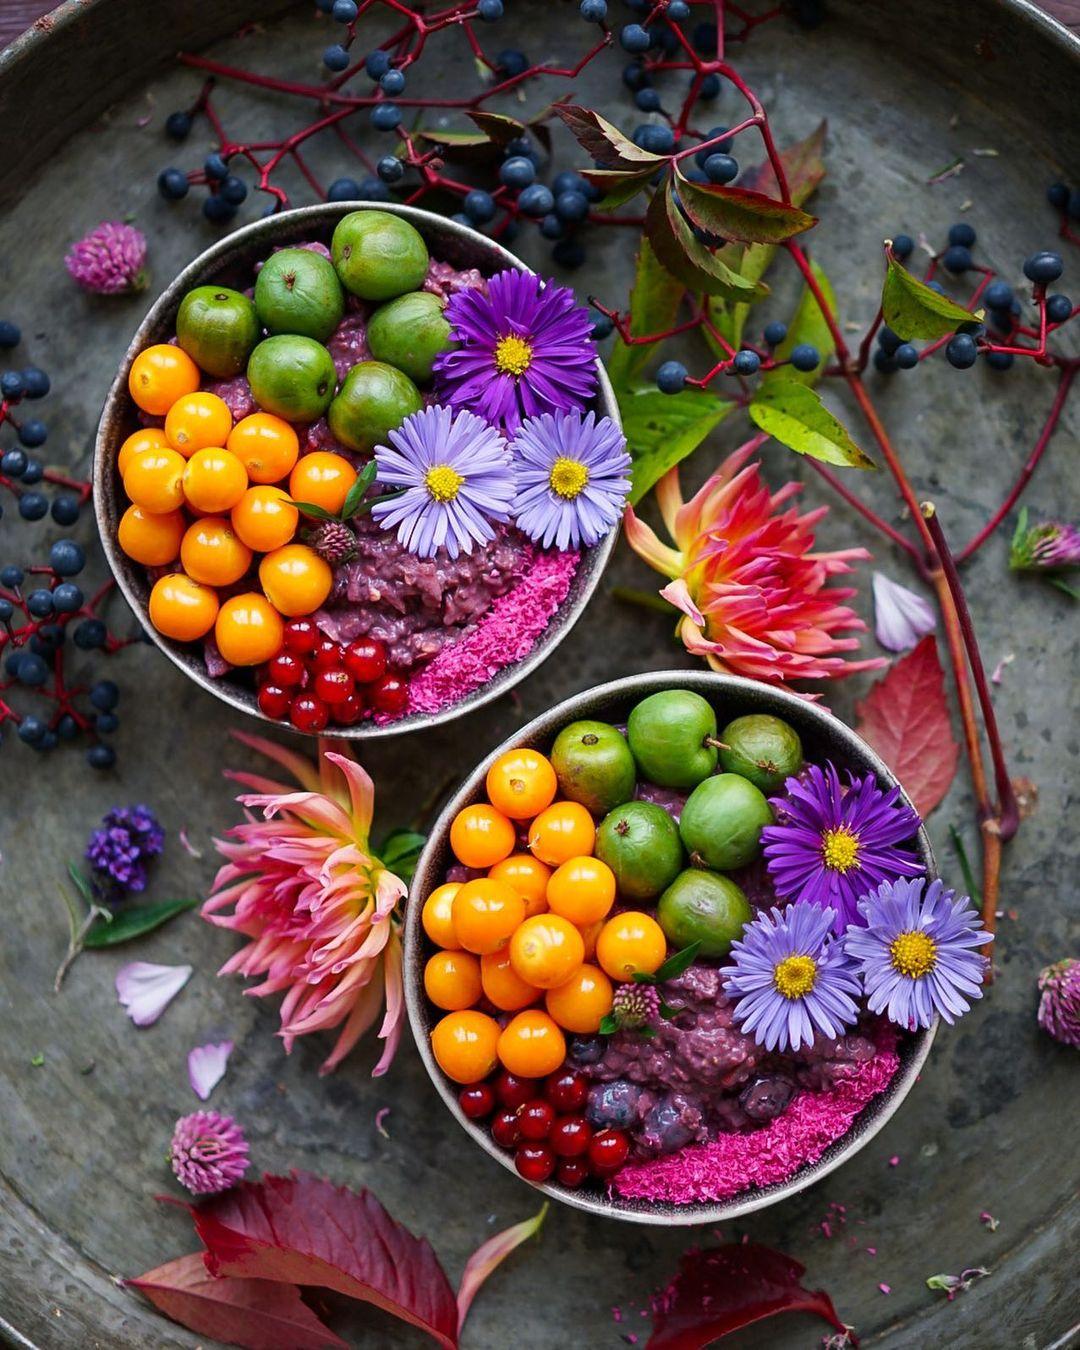 30 Amazing 🙌 Benefits 👍 of a Vegan Diet 🥗 ...